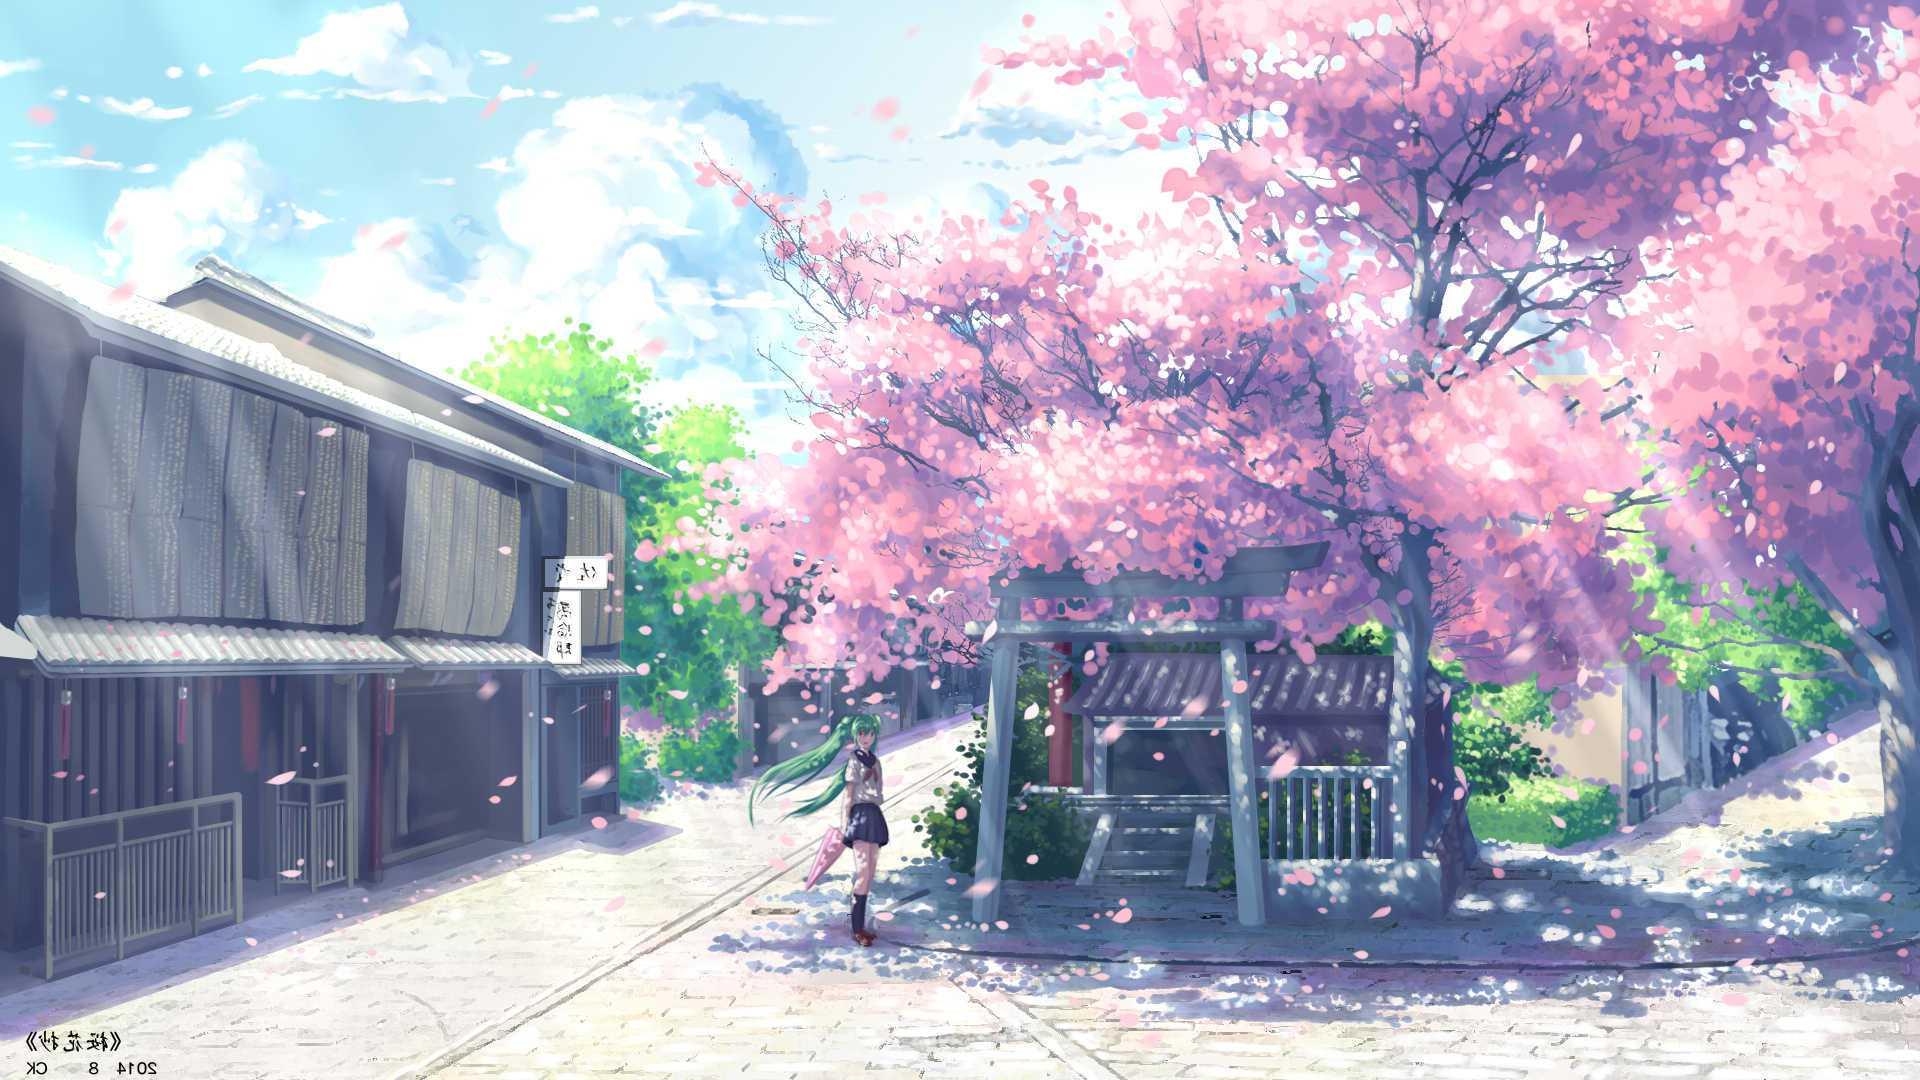 Hd Kaito Vocaloid Wallpaper